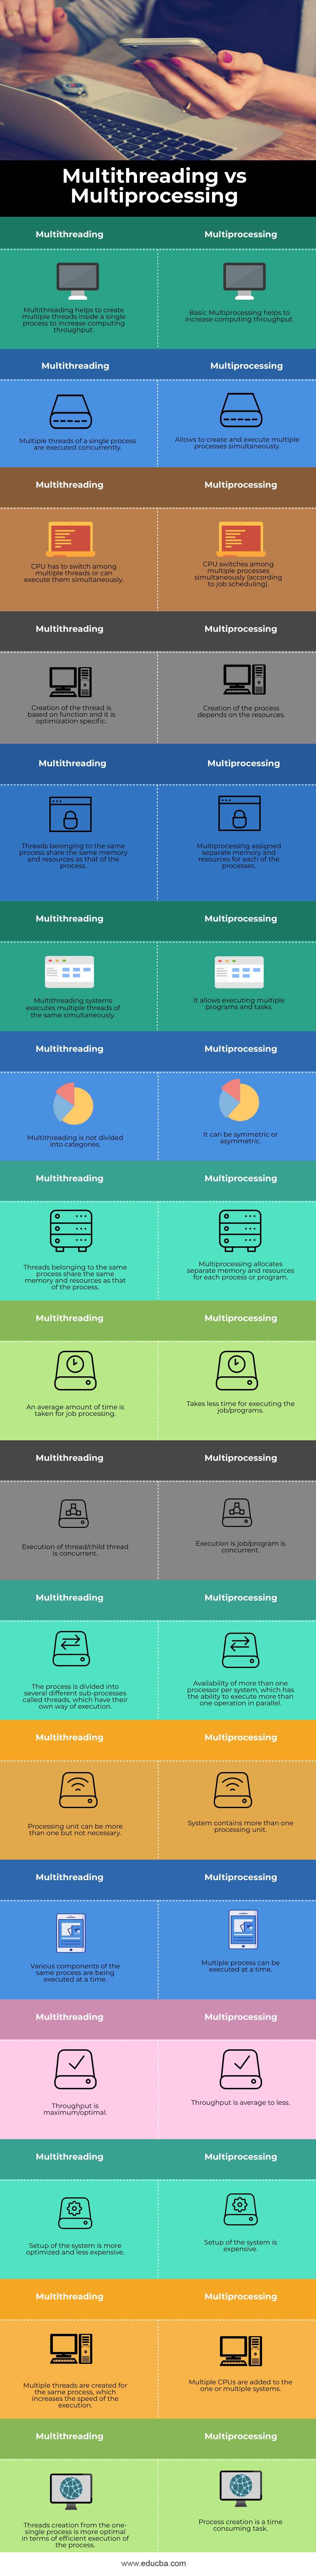 Multithreading-vs-Multiprocessing-info